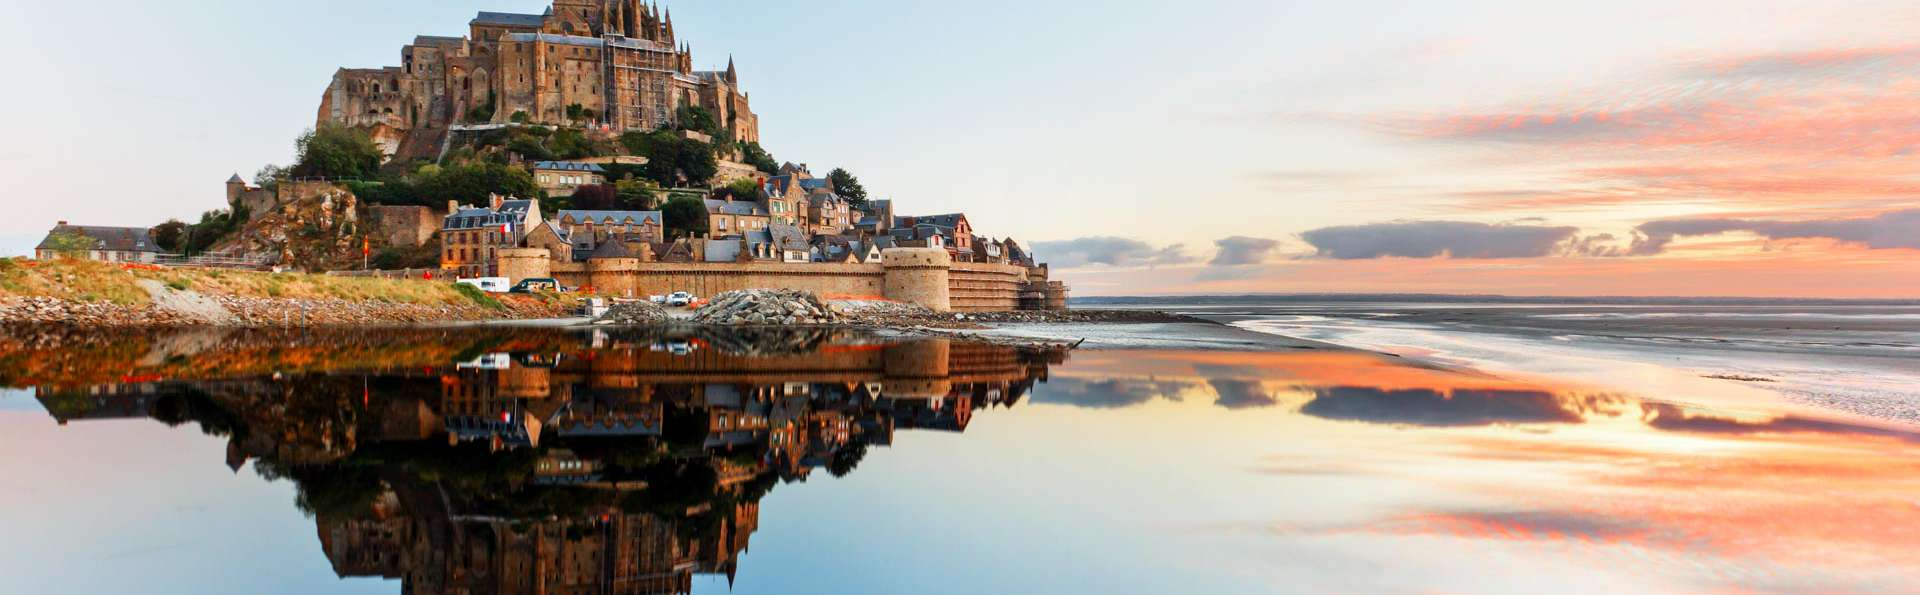 Week-end romantique dans la Baie du Mont-Saint-Michel